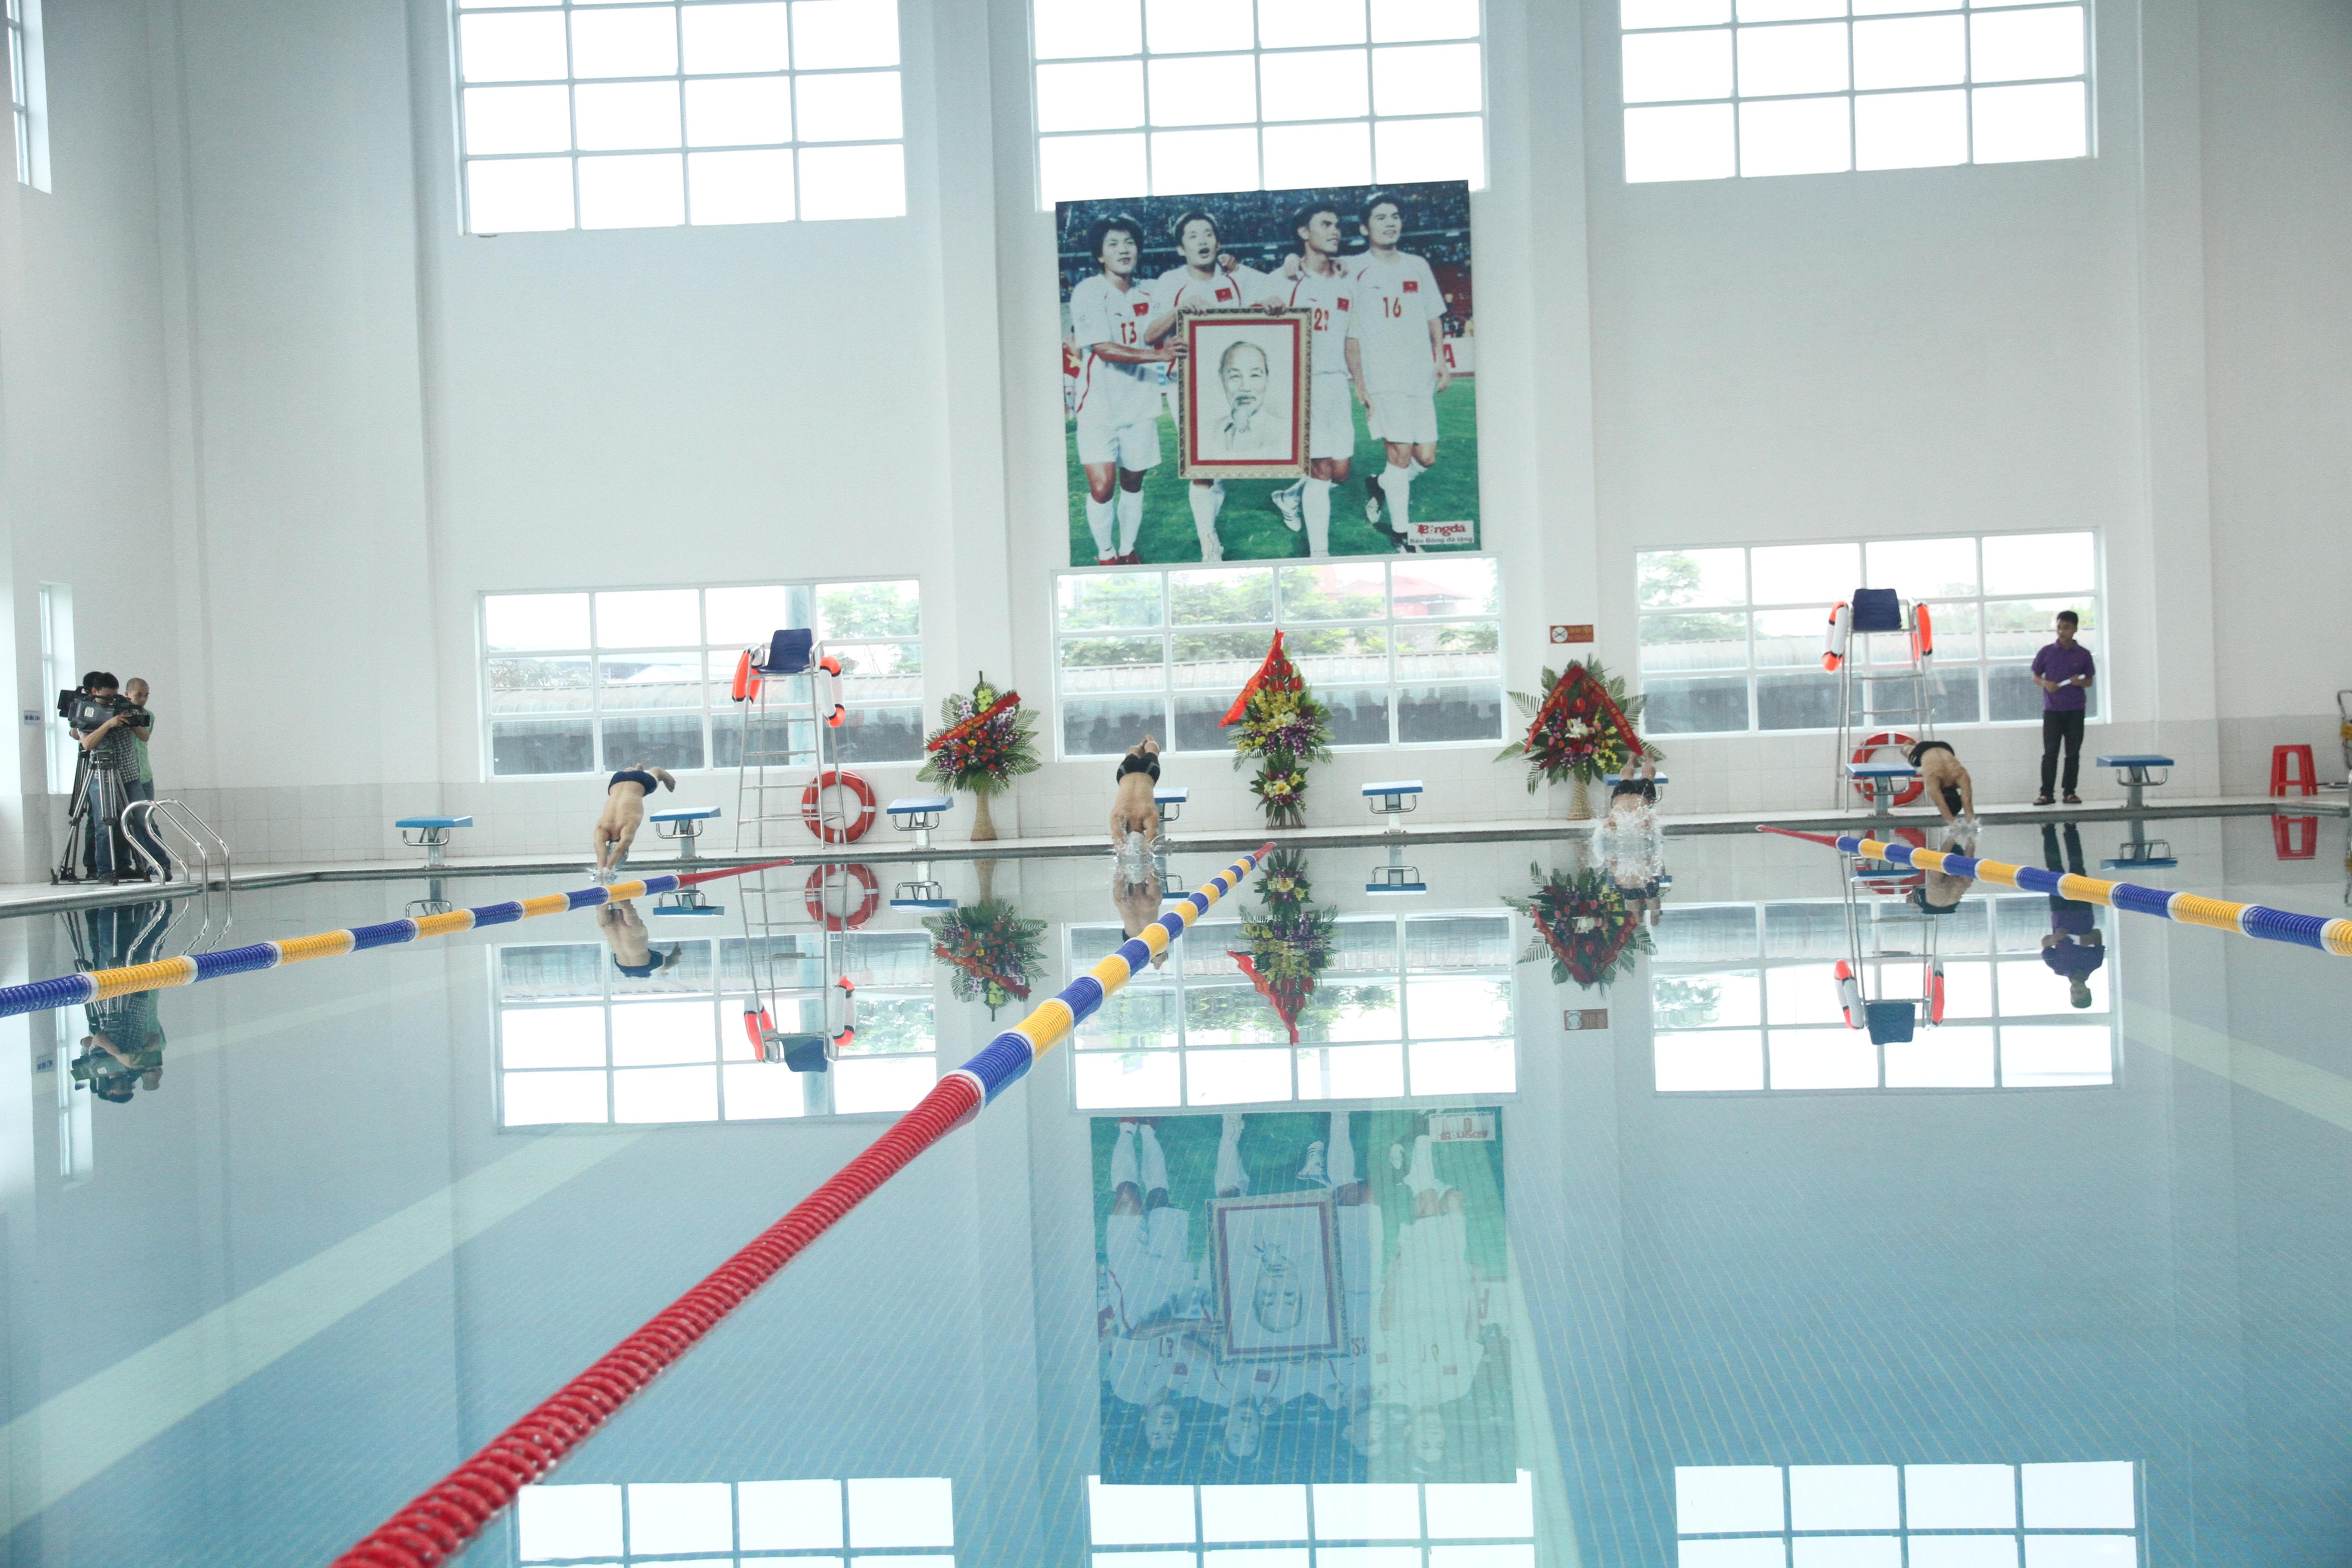 Trung tâm đào tạo bóng đá trẻ Việt Nam khai trương bể bơi bốn mùa